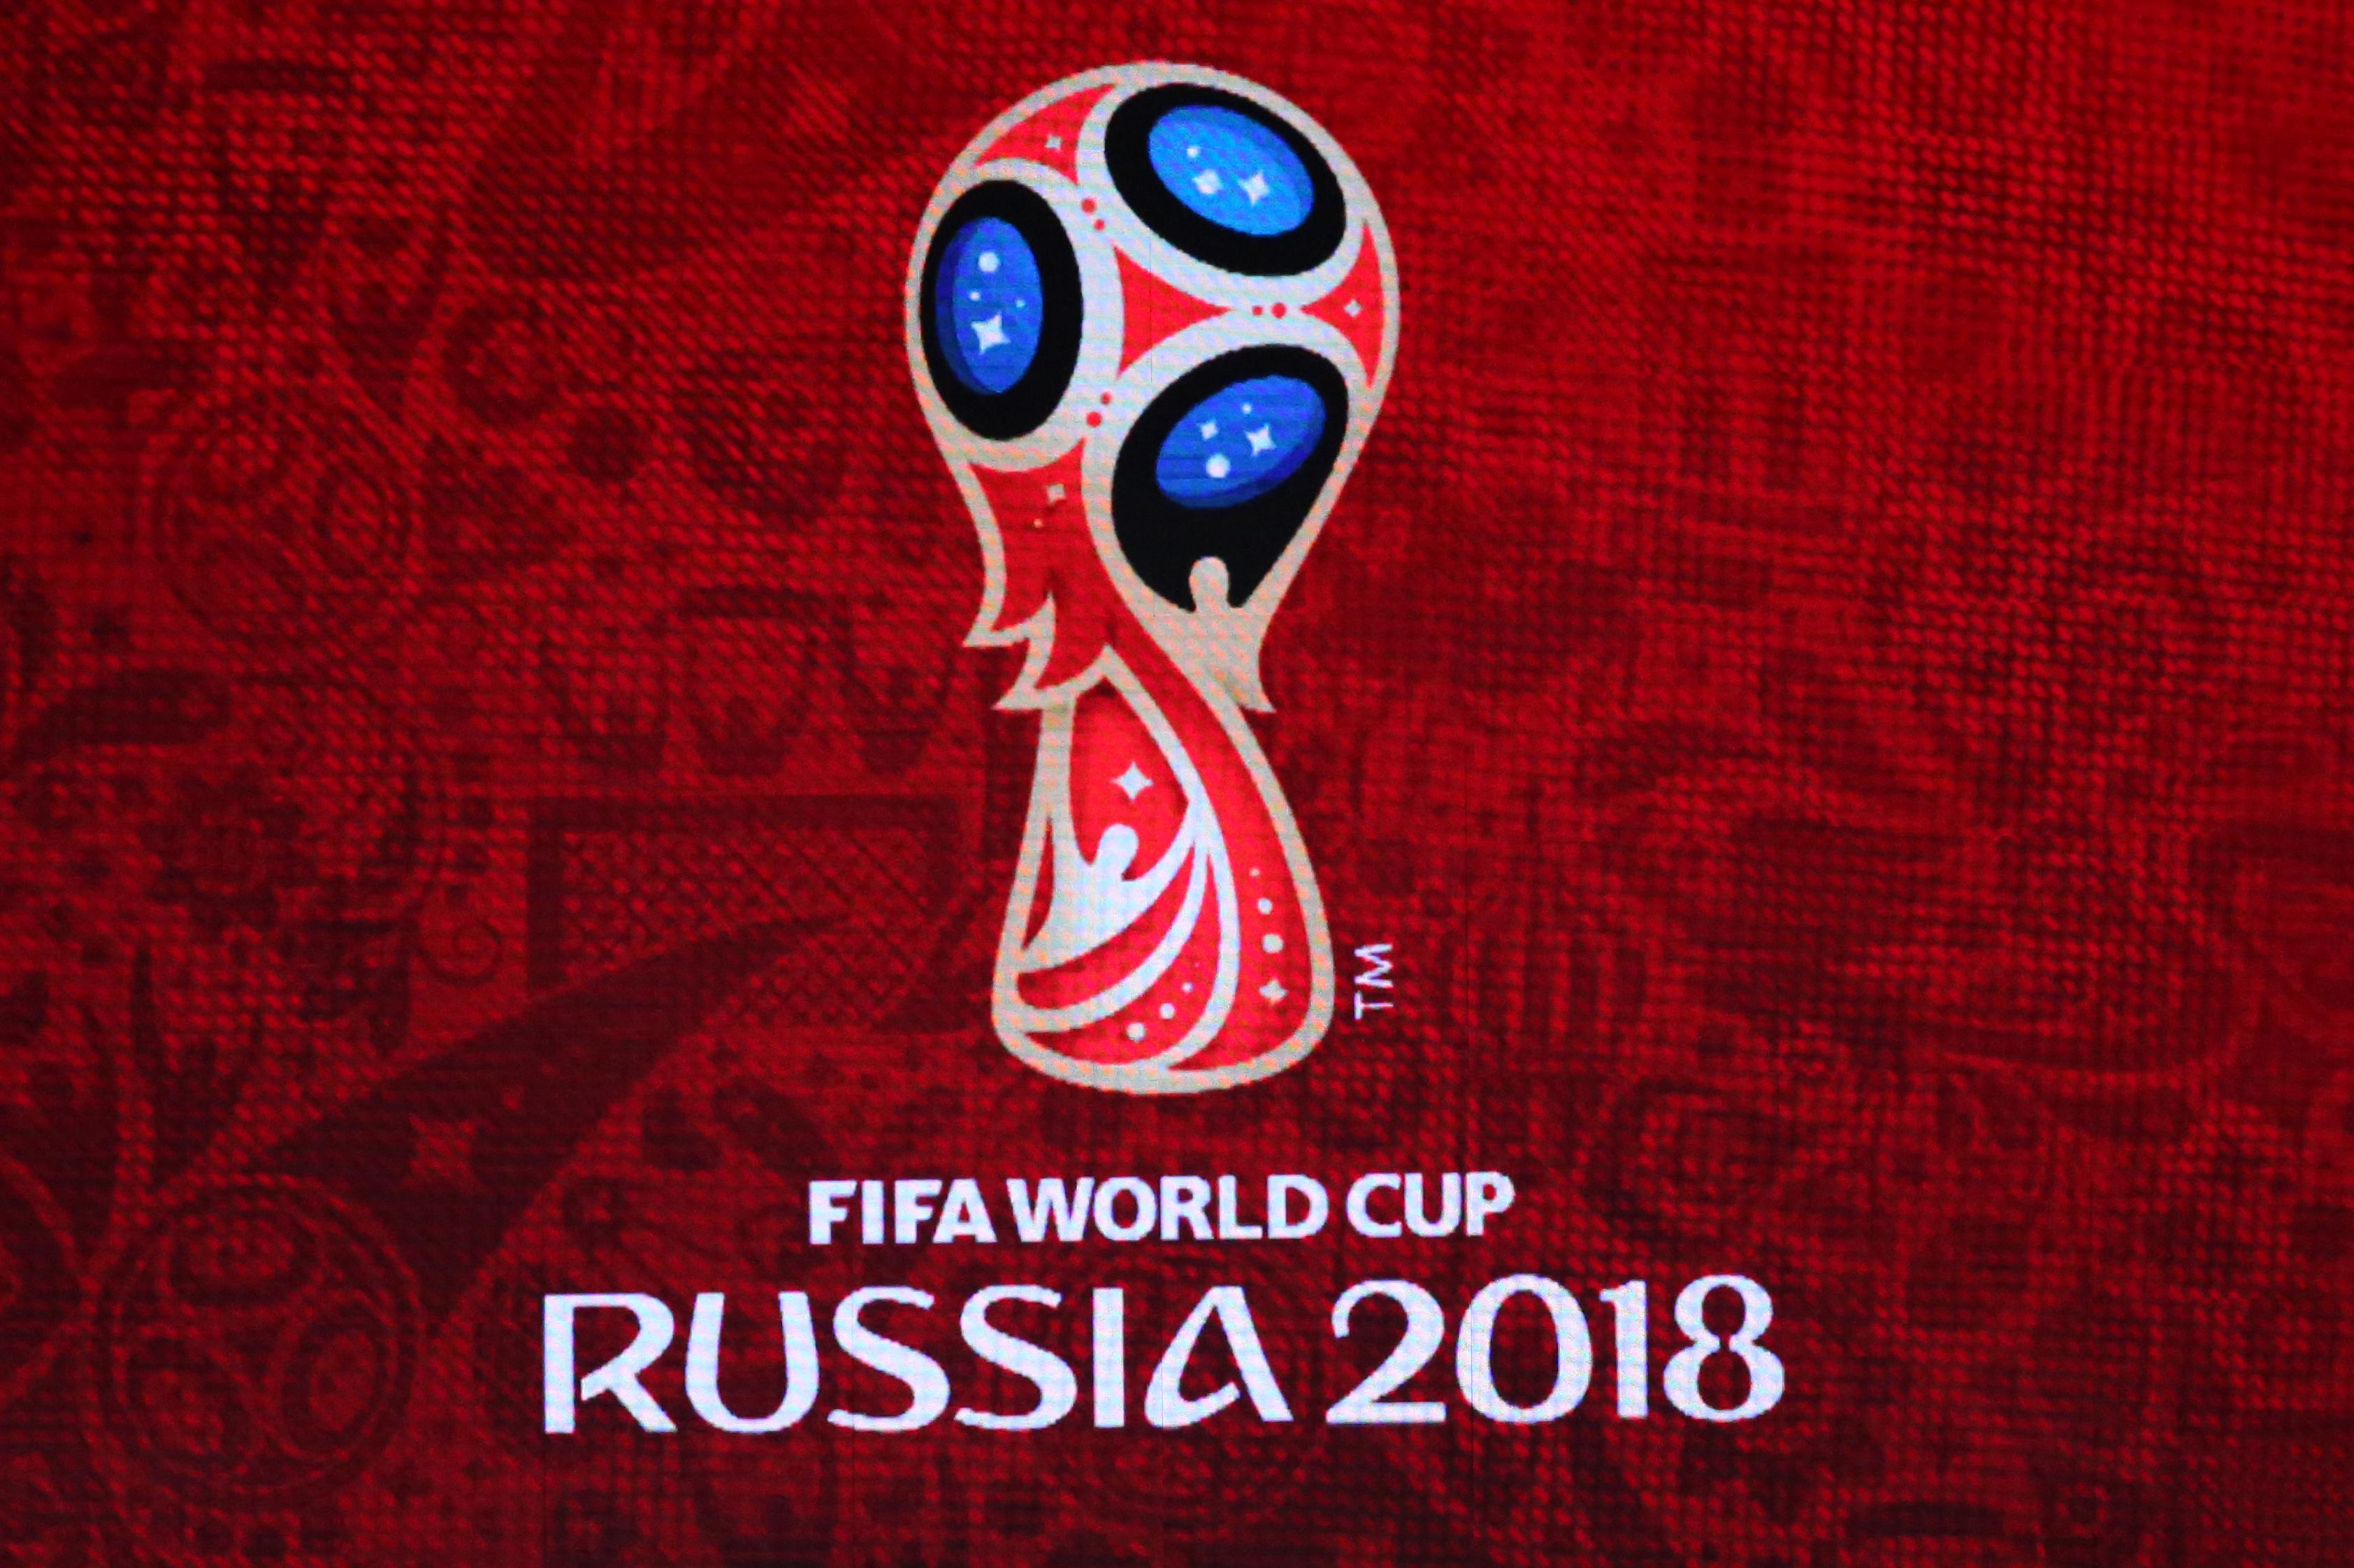 Logo de Rusia 2018 - 3368x2244